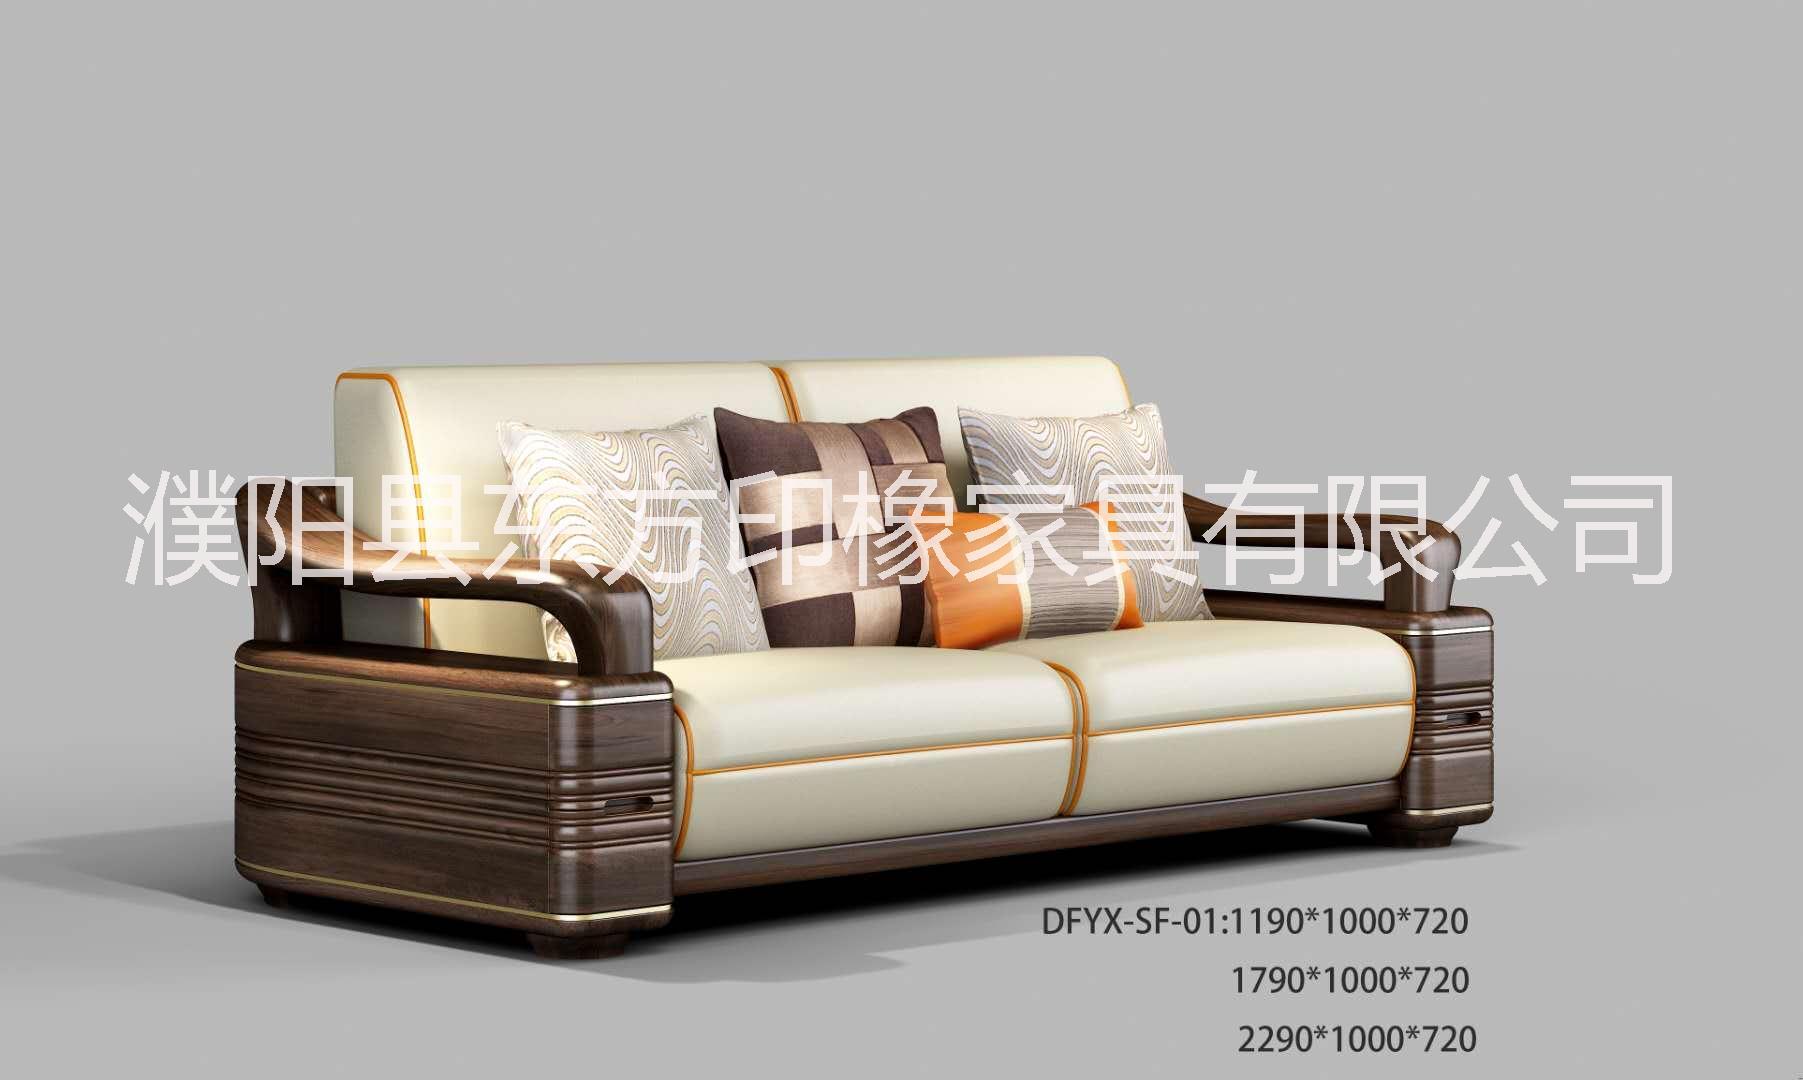 濮阳沙发供应商     沙发     河南沙发厂家    沙发价格   客厅沙发 供应沙发 高档沙发